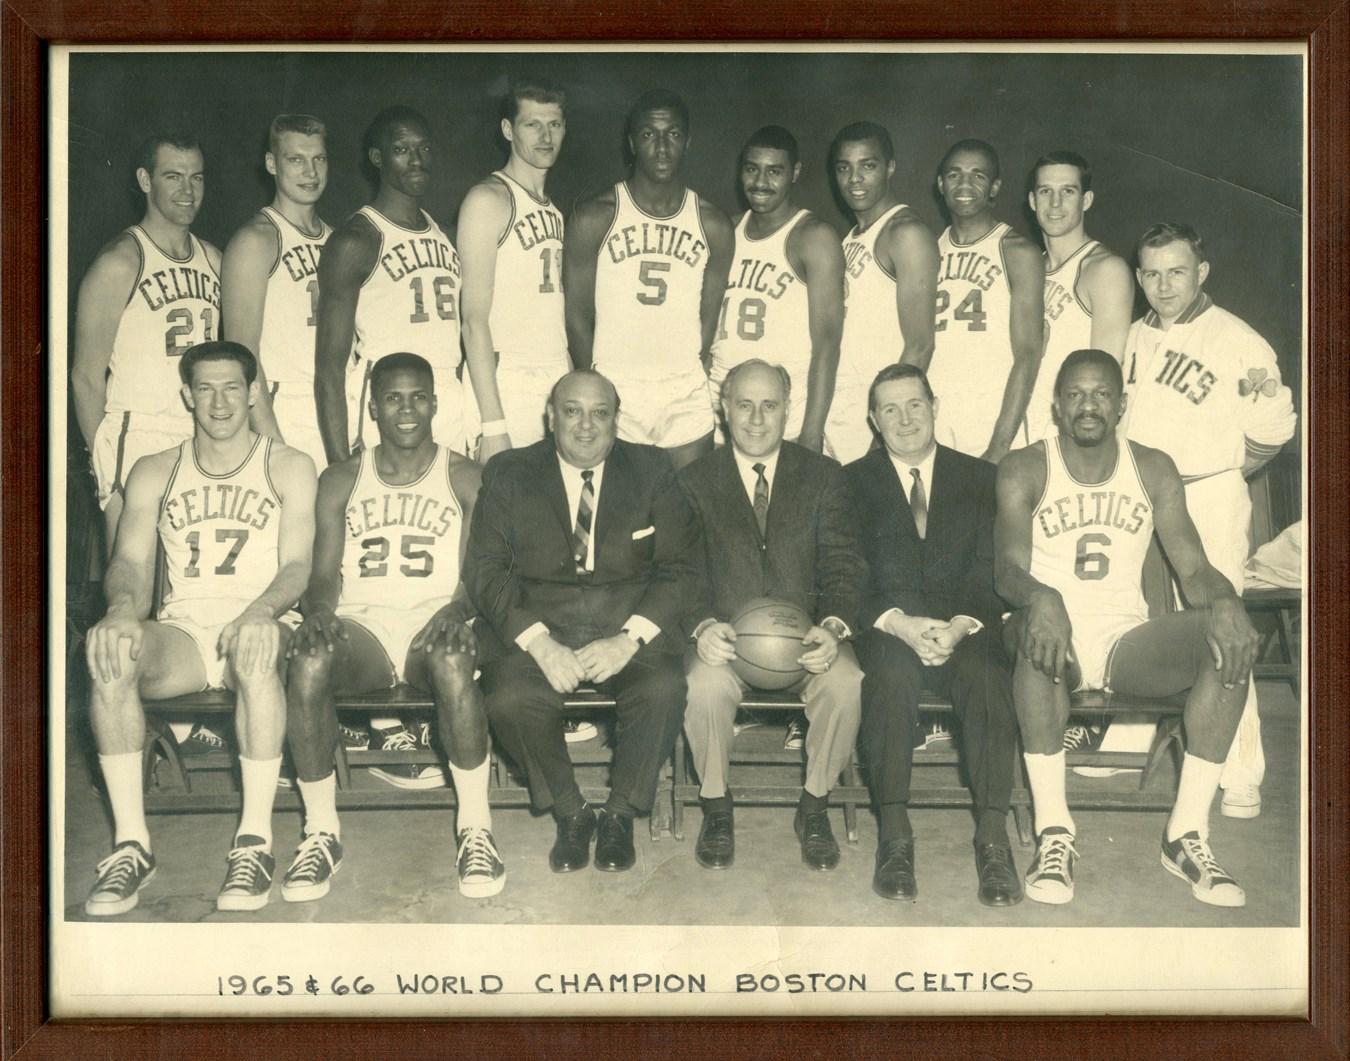 Boston Sports - Steel17